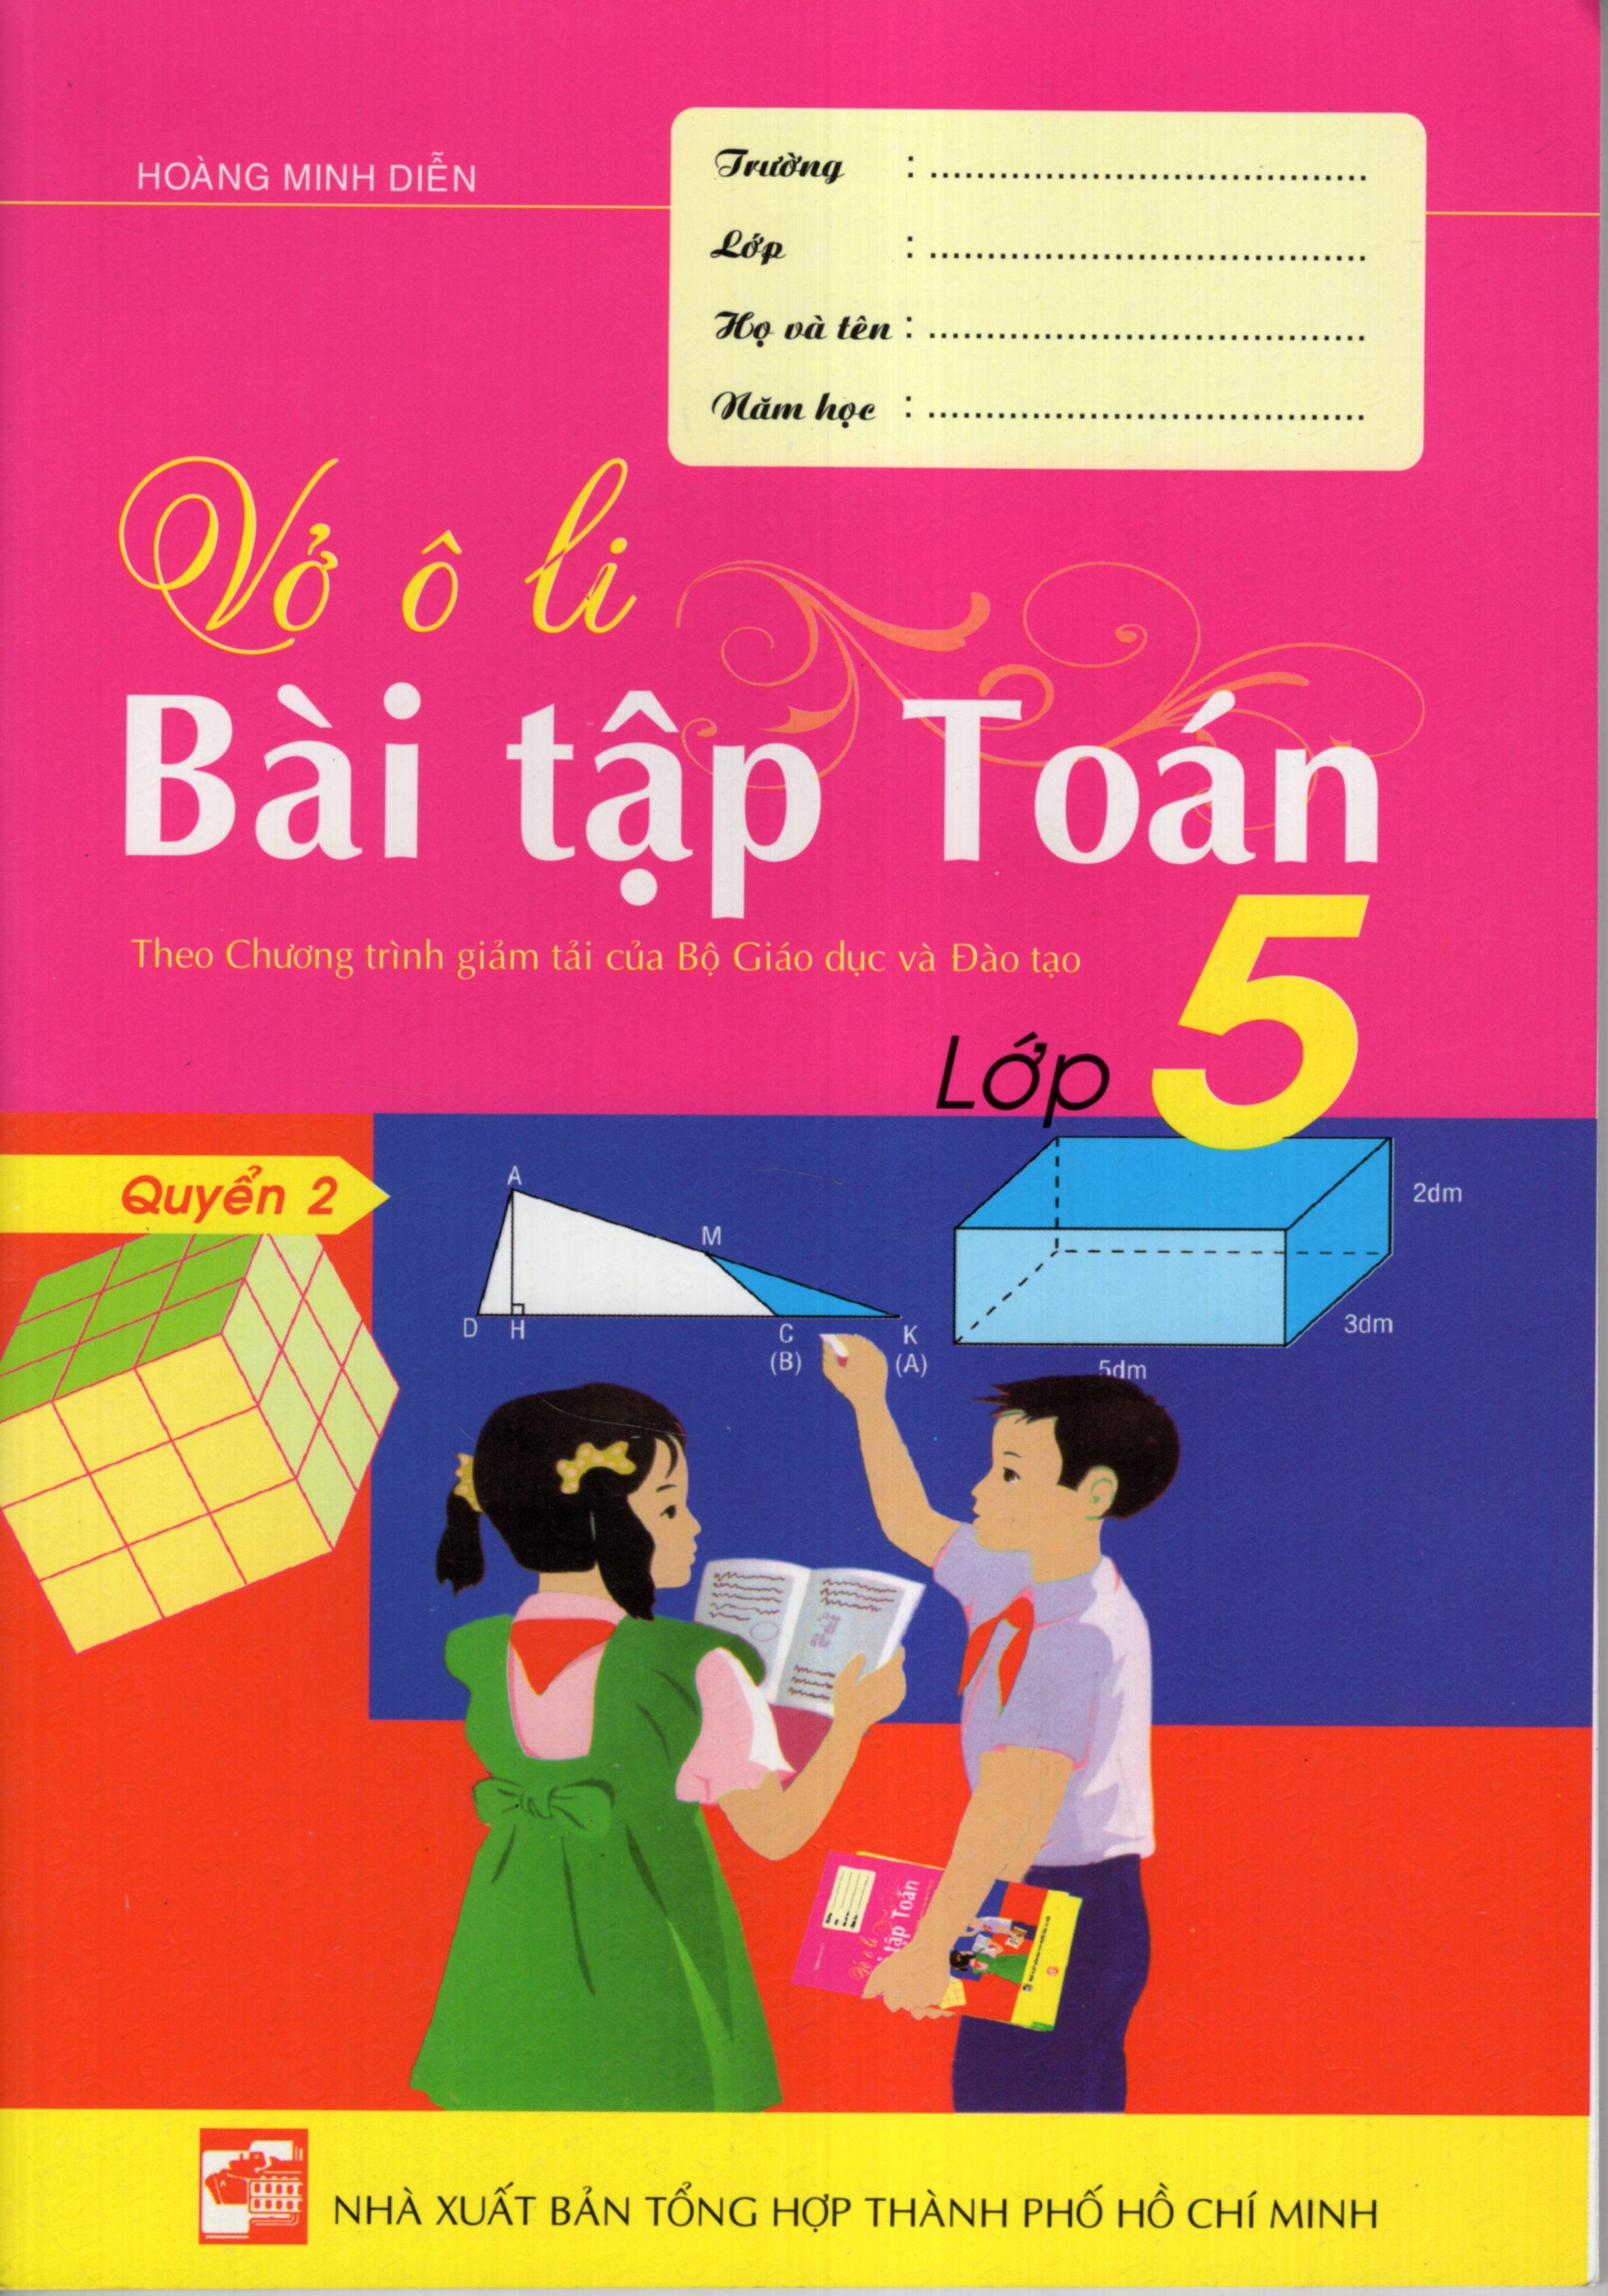 Bìa sách Vở Ô Li Bài Tập Toán Lớp 5 (Quyển 2)